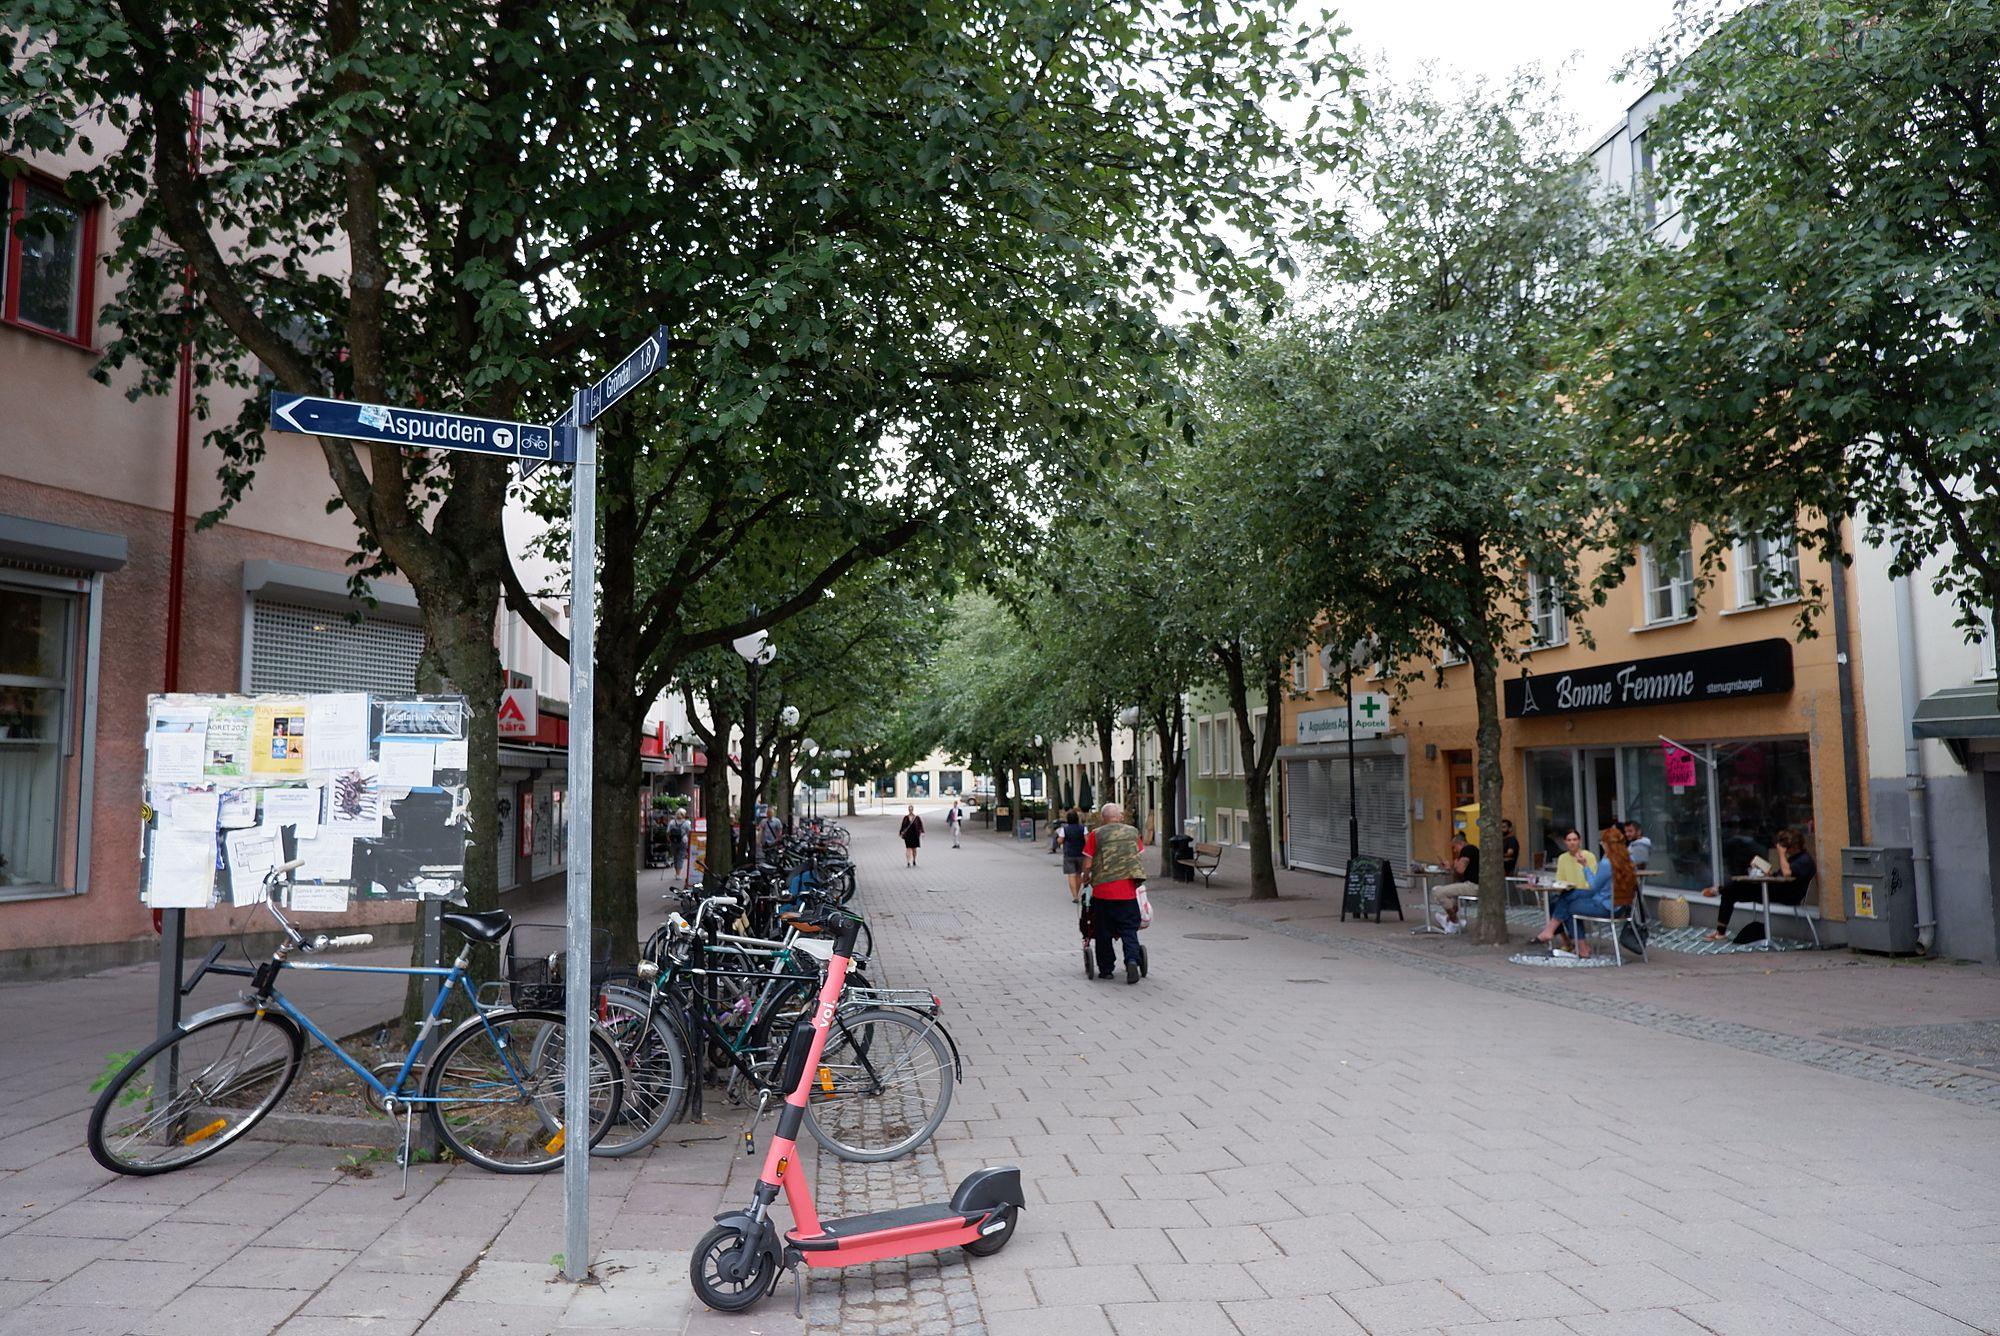 La sortie du métro à Aspudden : ruelle pavée avec des vélos et des petits commerces comme une boulangerie qui porte le nom de Bonne Femme